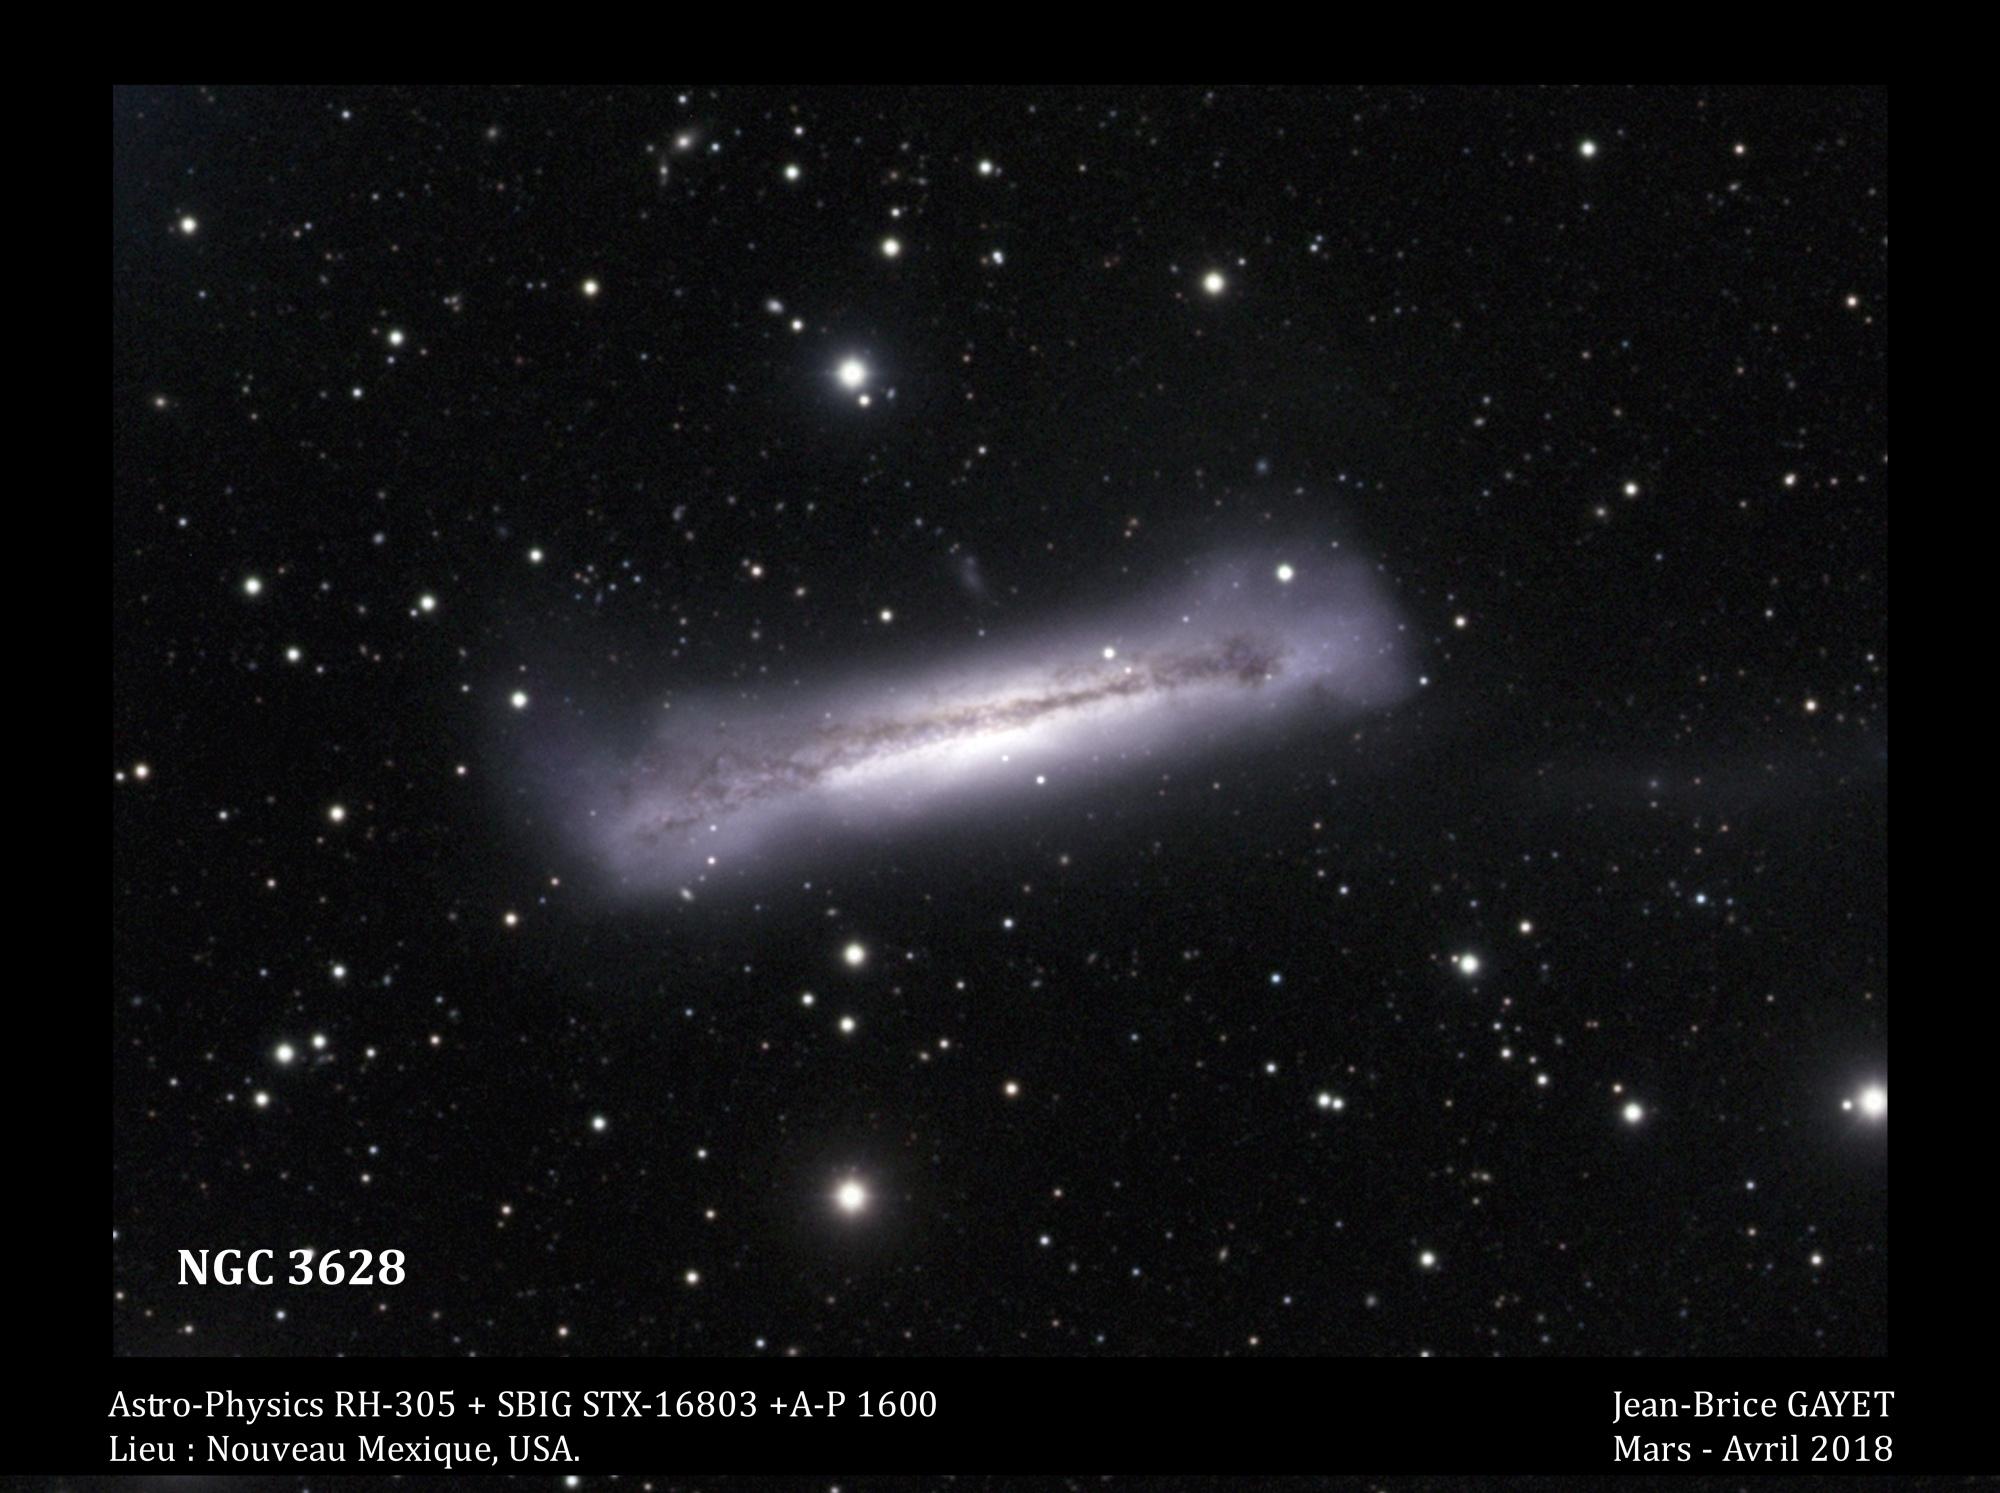 5ad06f8ab5857_NGC3628V2.thumb.jpg.3f78c2e9c26d5bb18020fc8a9e6dcd80.jpg